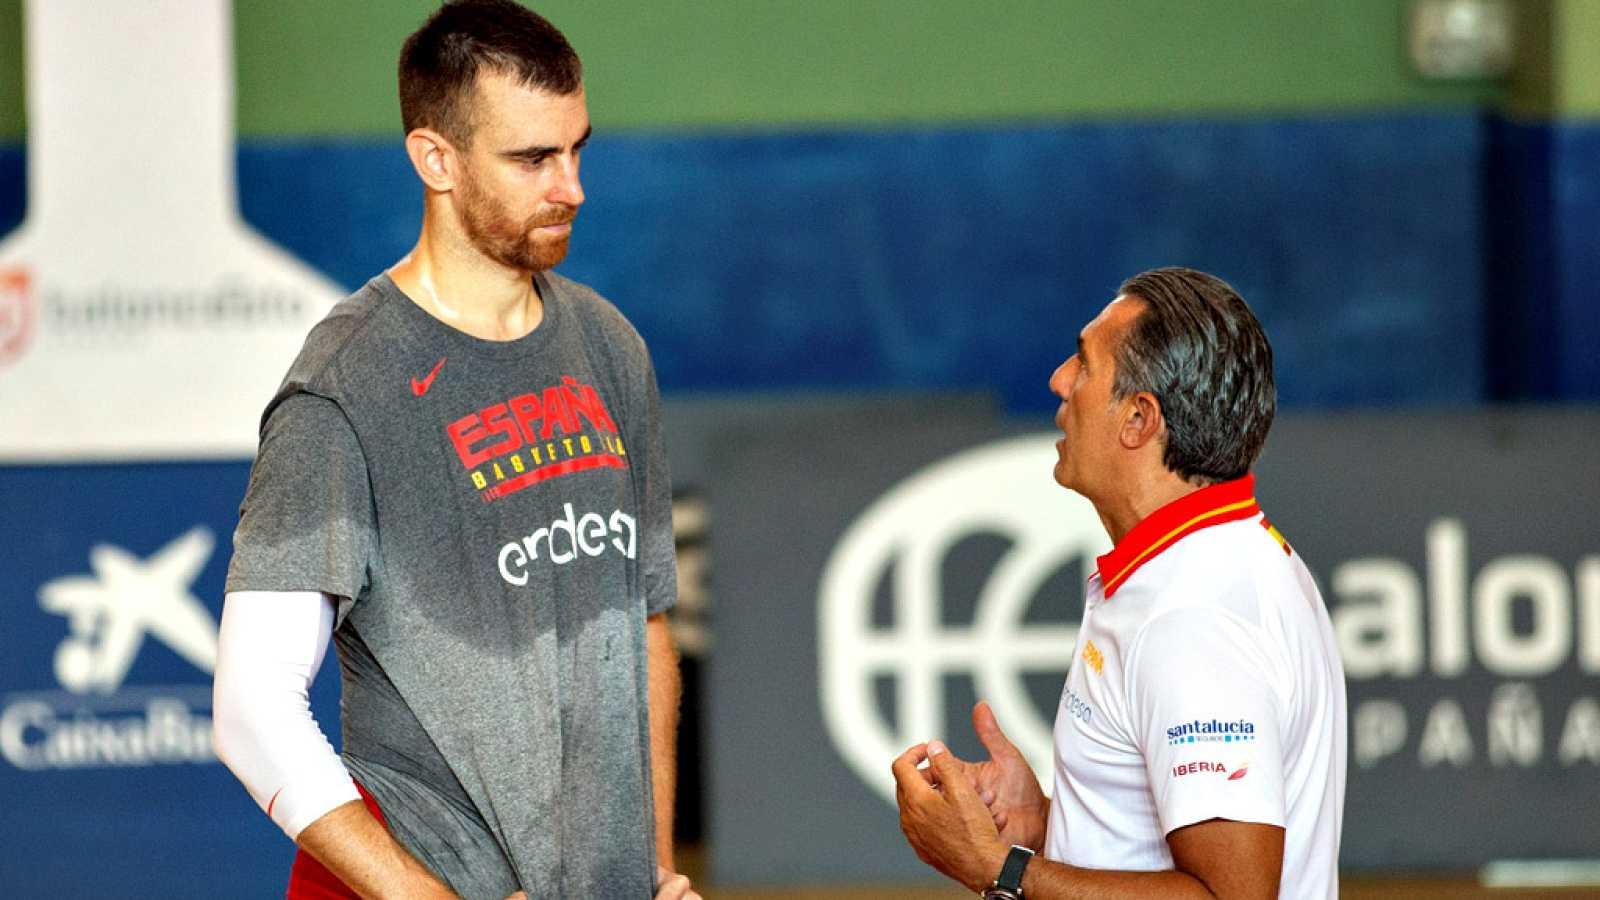 La selección española de baloncesto inició en Madrid su fase de preparación del Mundial China, que se celebrará entre el 31 de agosto y el 15 de septiembre, con los 16 jugadores y el cuerpo técnico ya concentrados para iniciar una primera fase de ent